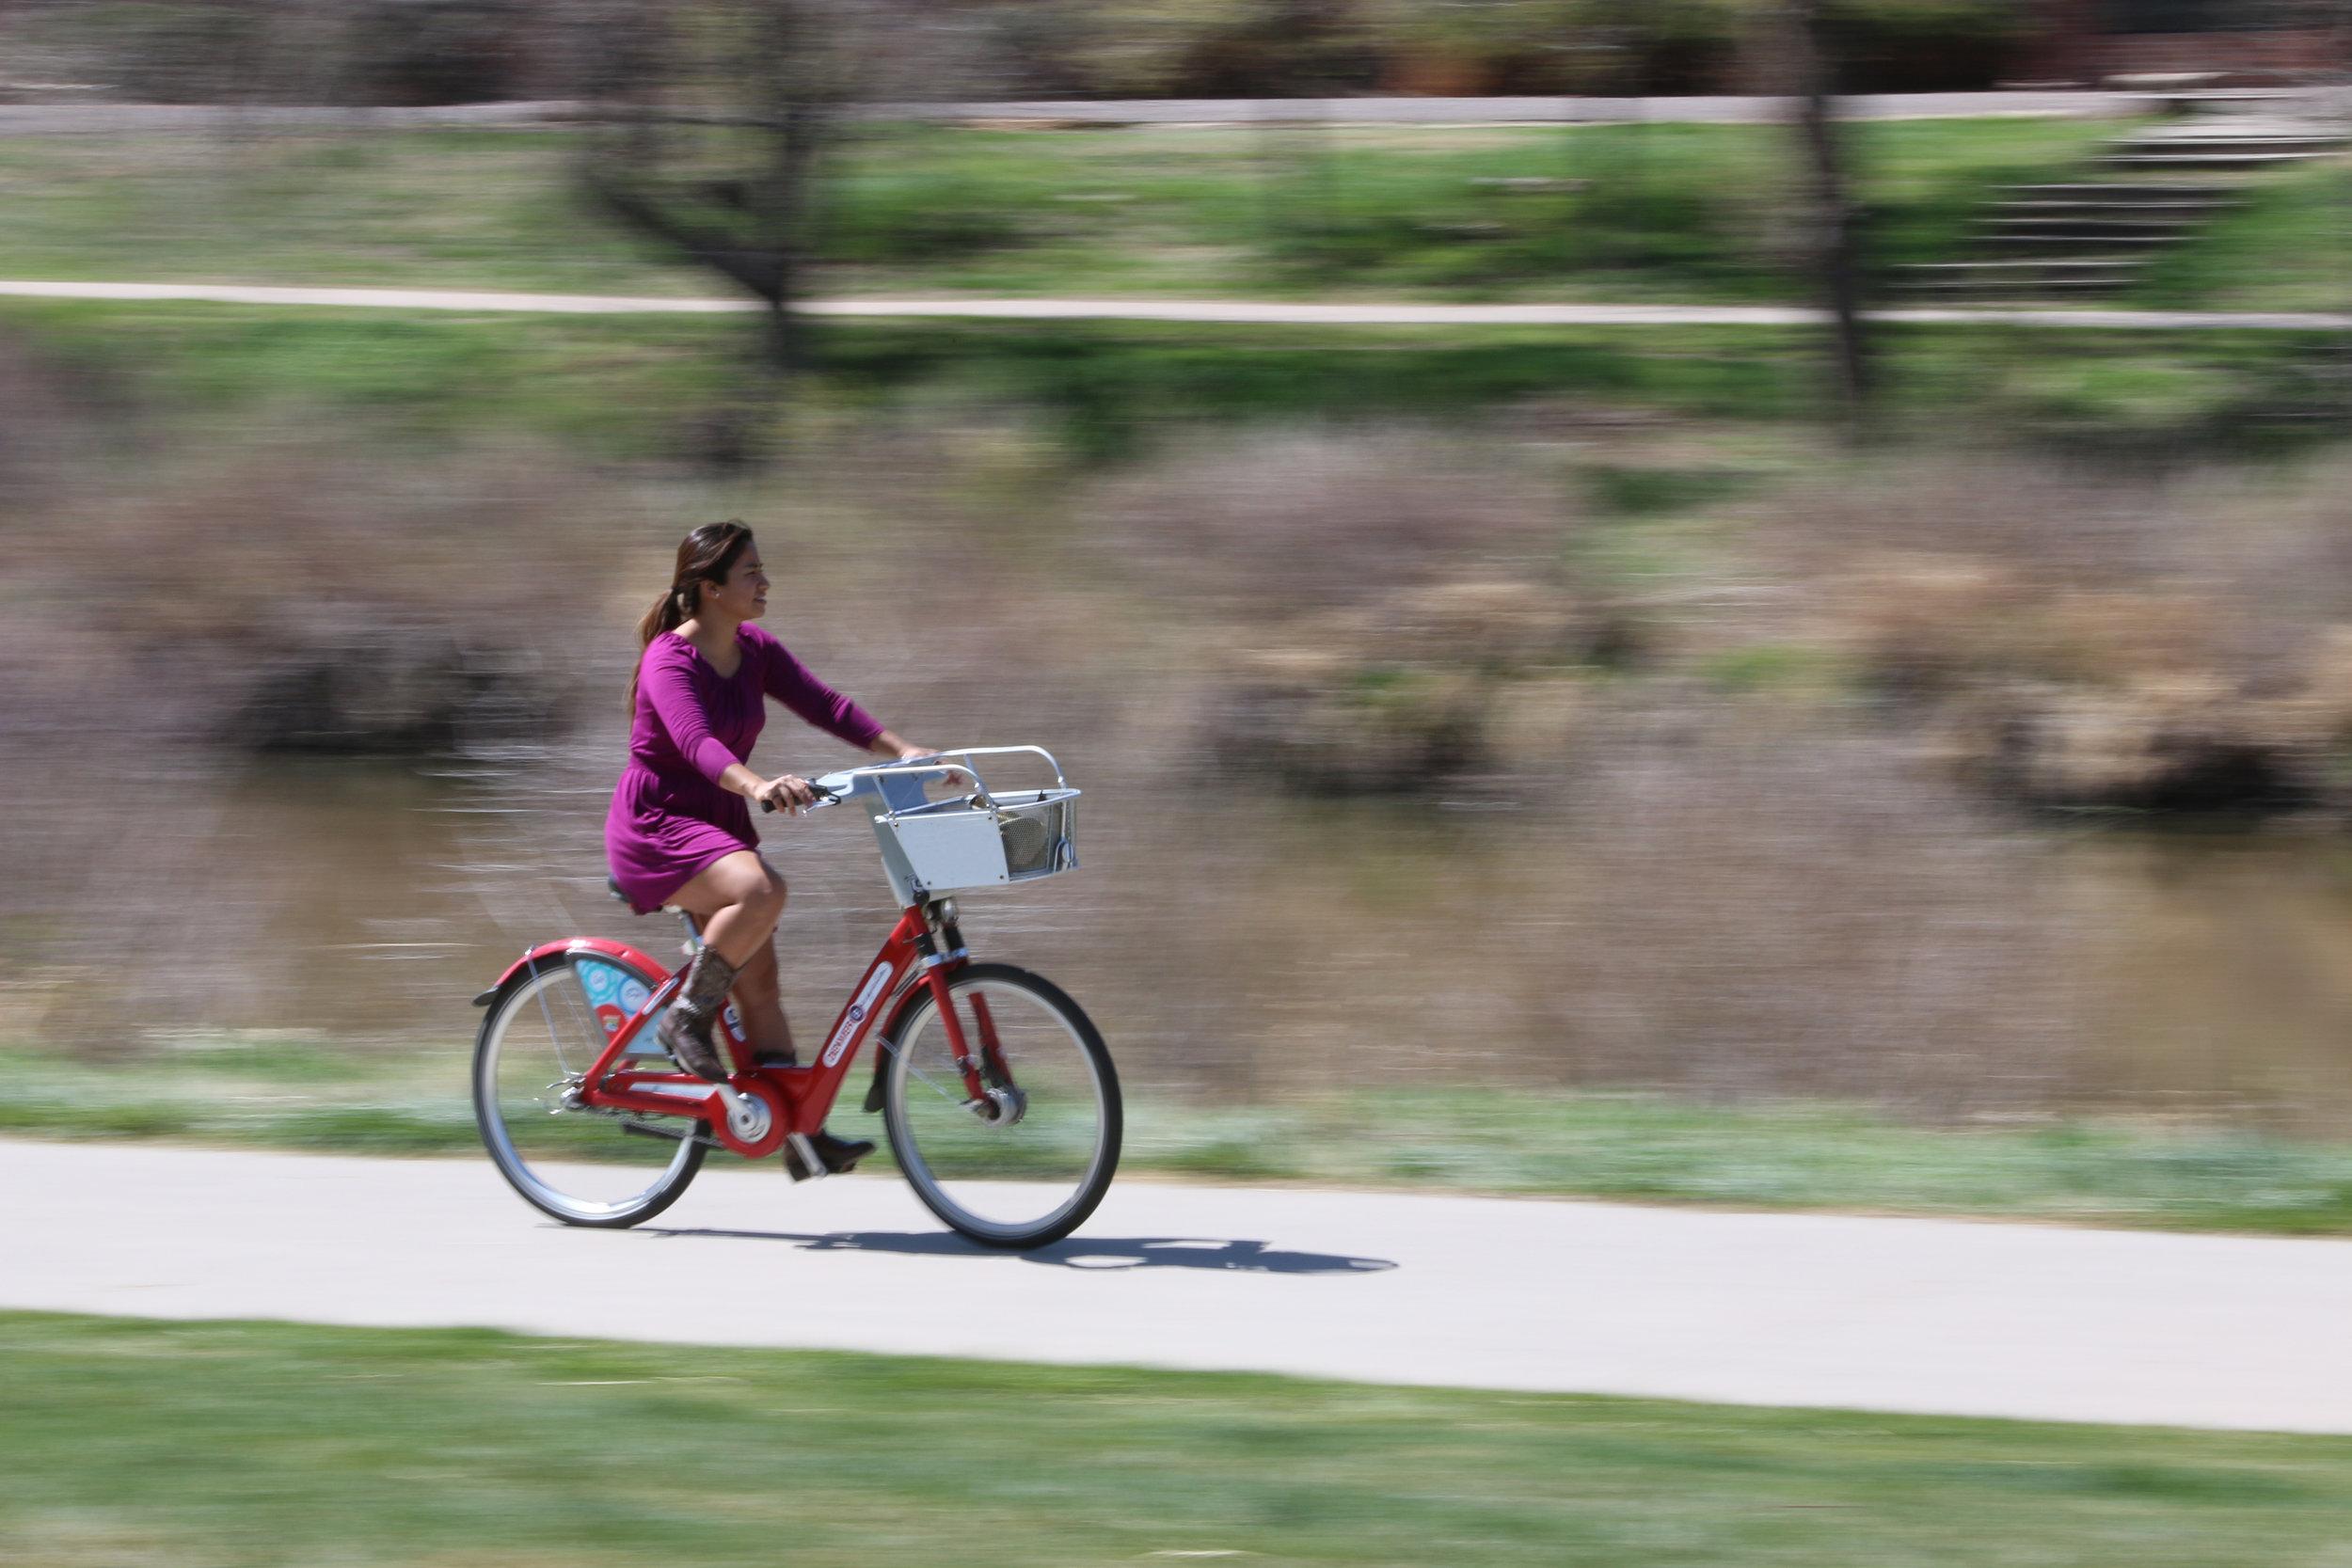 Girl on Bike, 2016